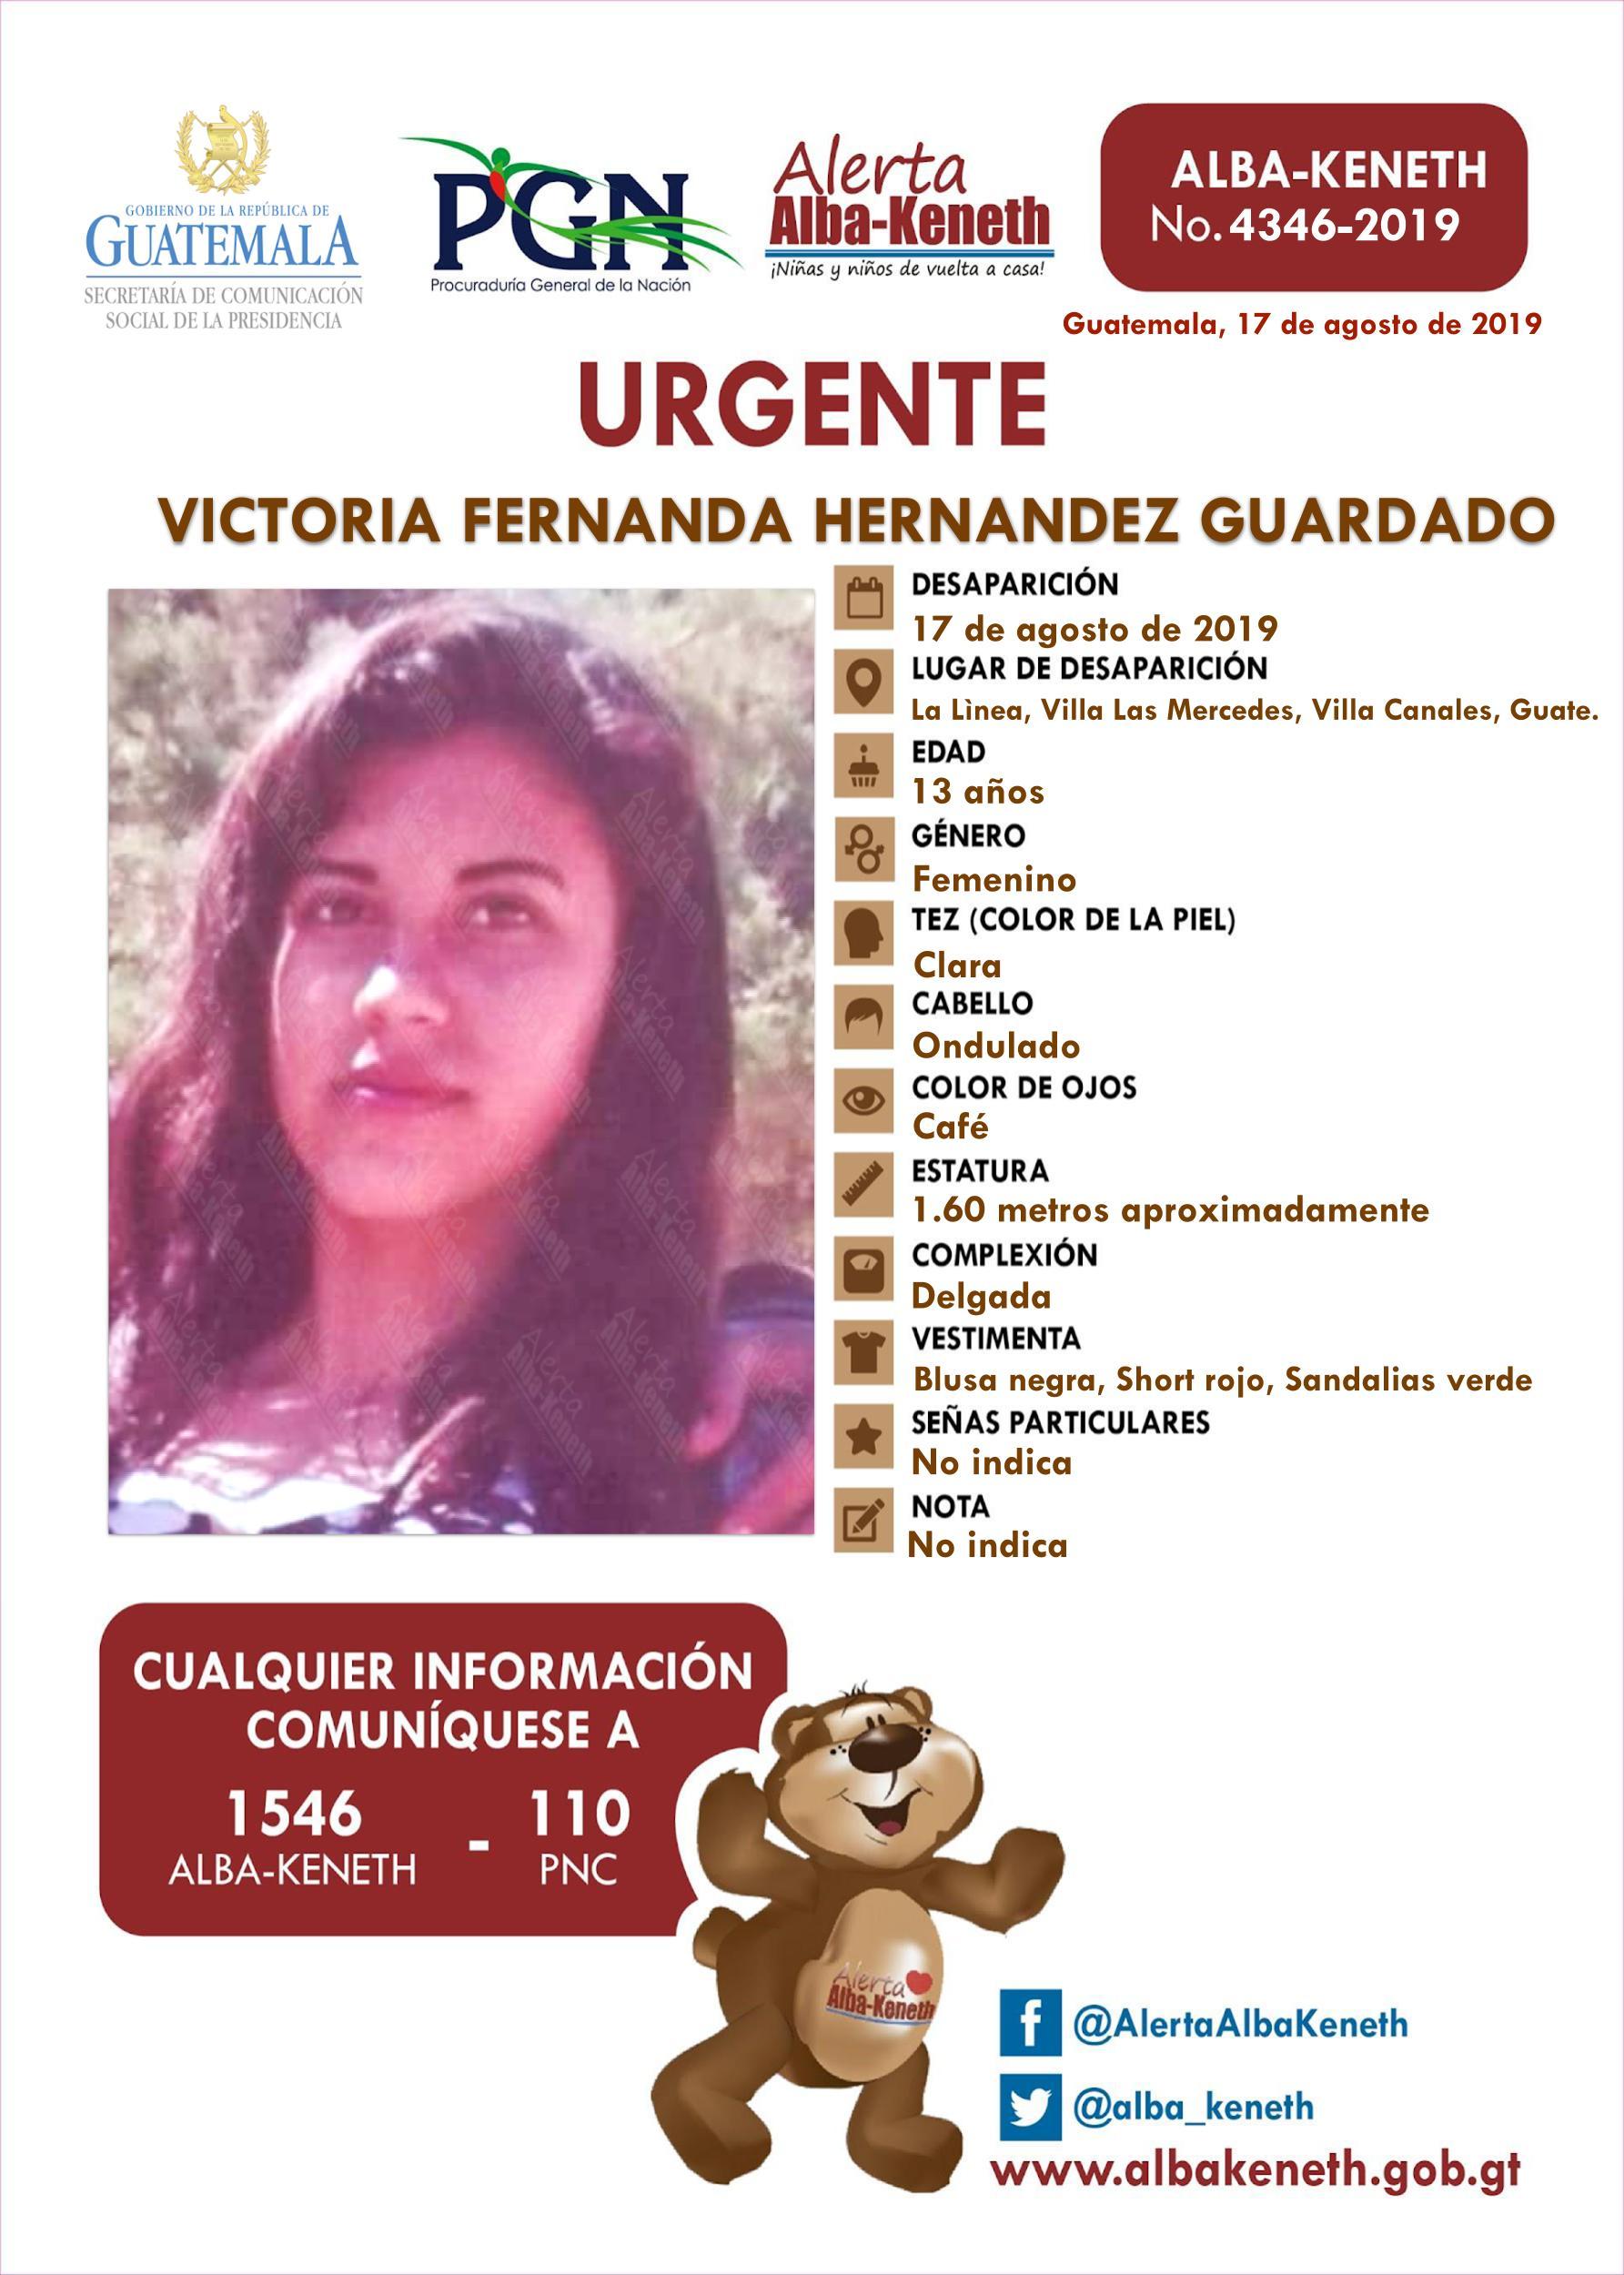 Victoria Fernanda Hernandez Guardado